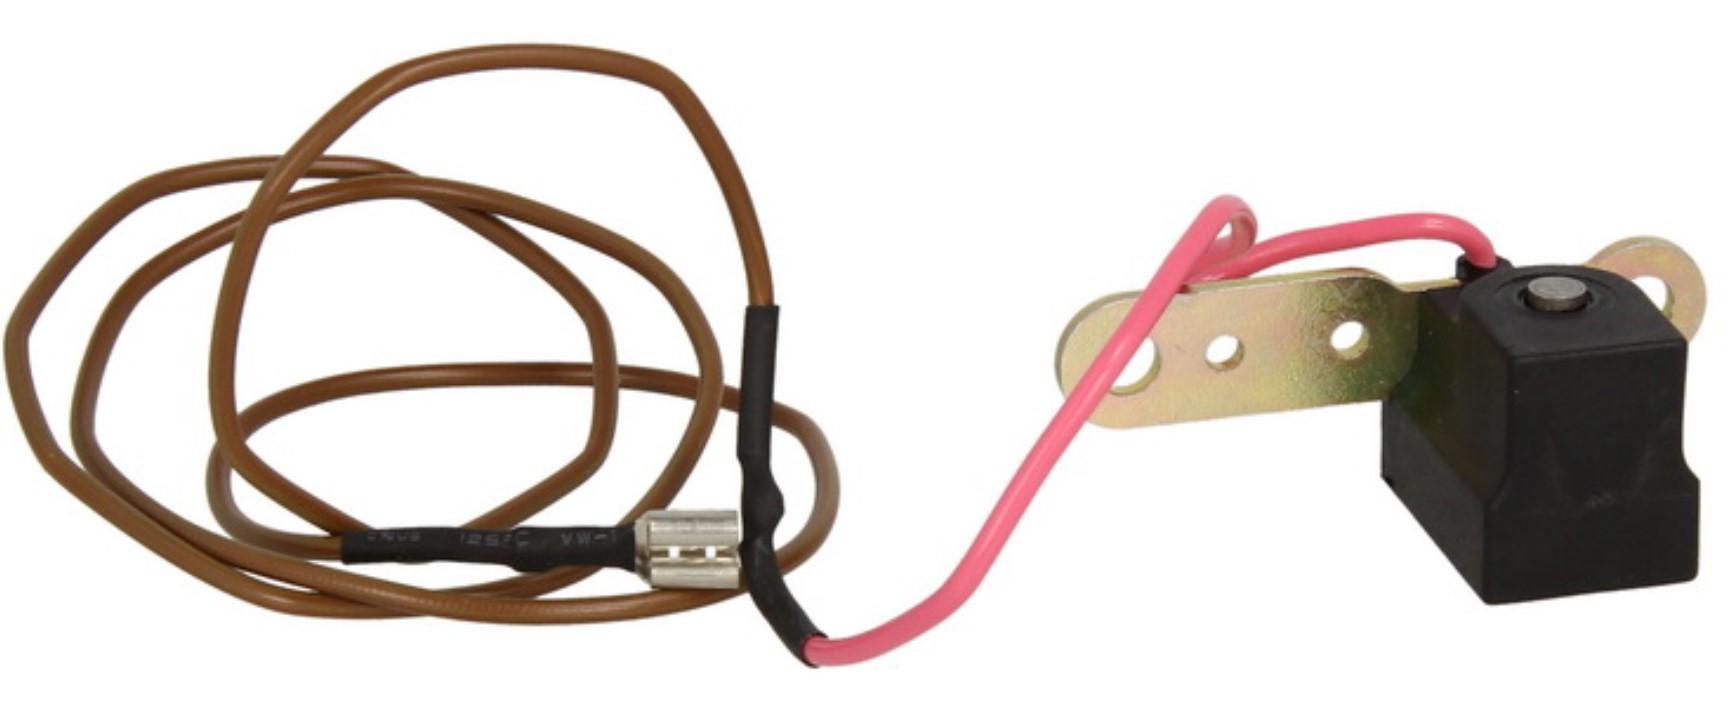 Sensor, crankshaft pulse 24 617 0010 at a discount — buy now!